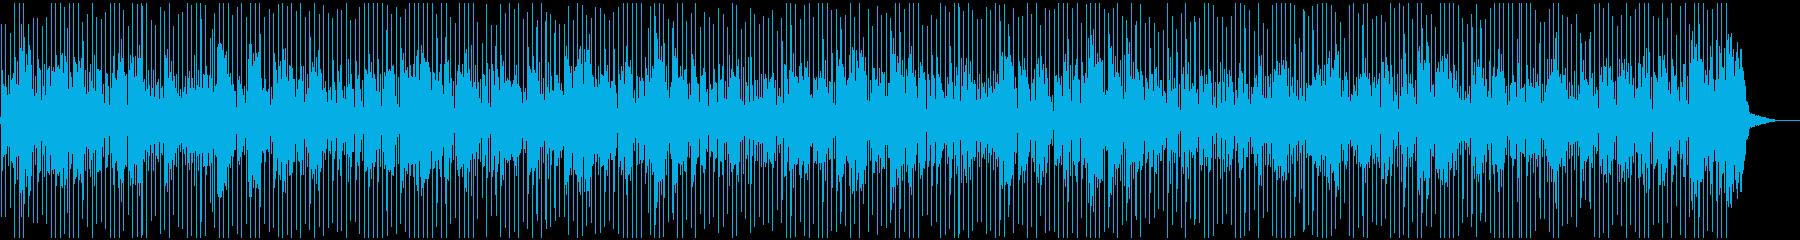 陽気でコミカルな疾走カントリーハーモニカの再生済みの波形